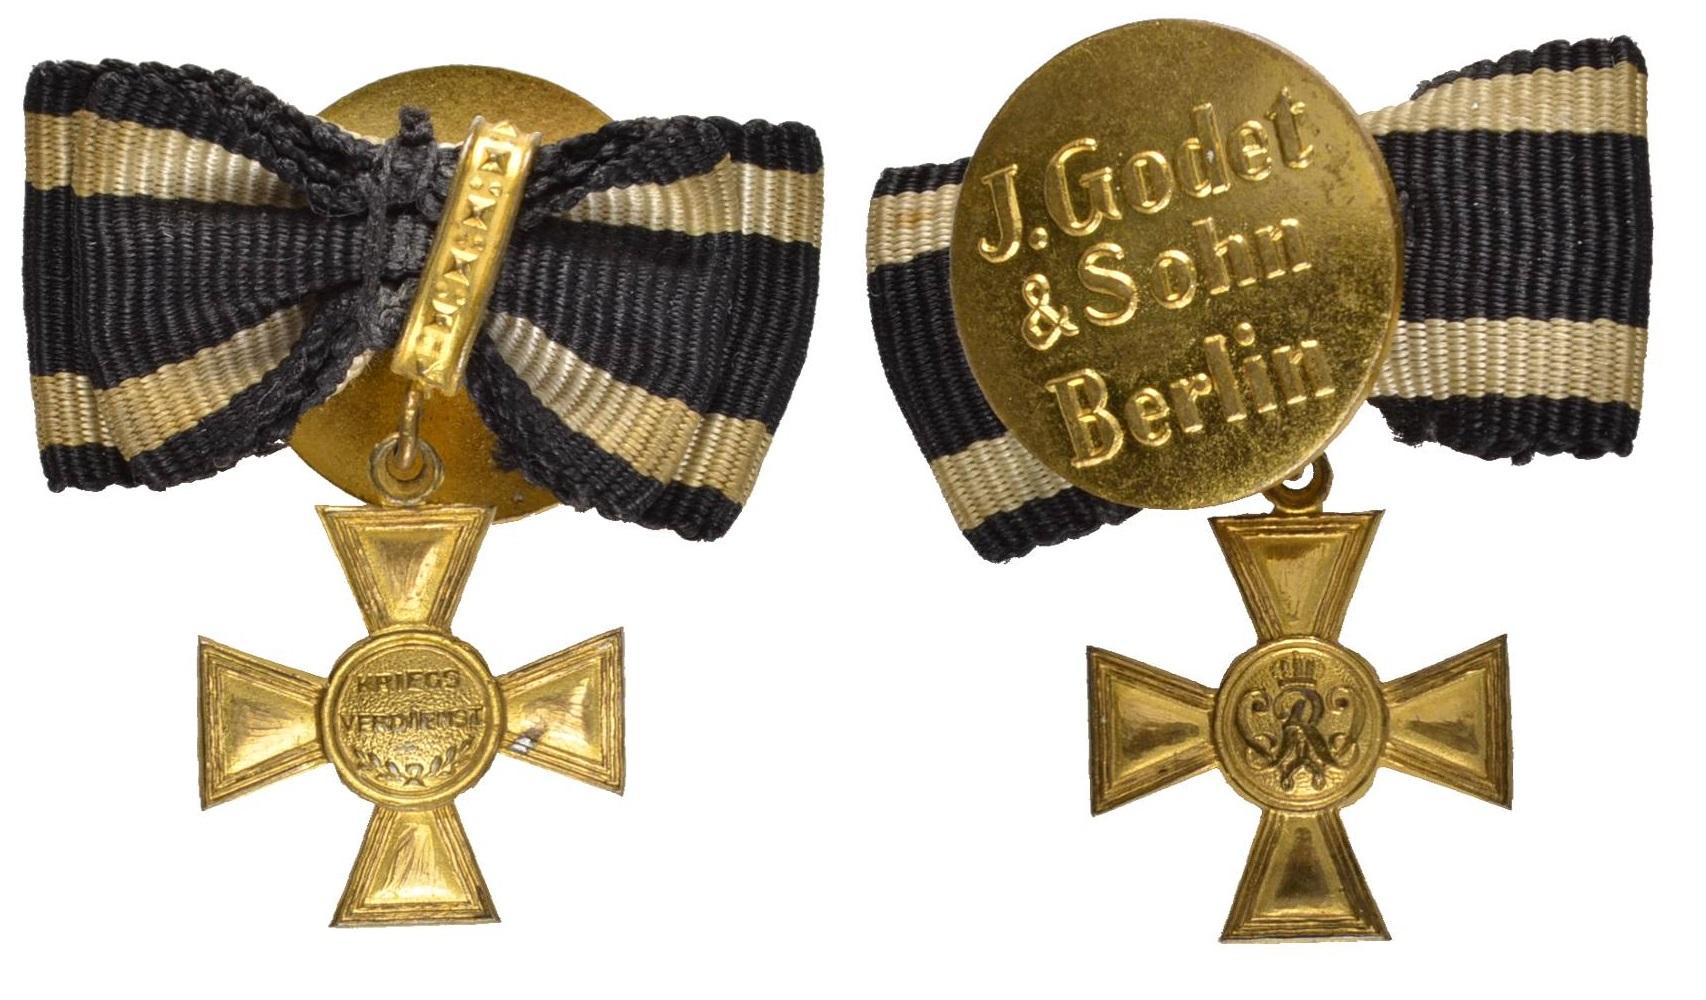 Goldenes) Militär-Verdienstkreuz. Miniatur, Anfertigung der Firma J. Godet  & Sohn in Berlin, Buntmetall vergoldet, an Trageschleifchen, mit  Reversknopf mit Herstellerbezeichnung.